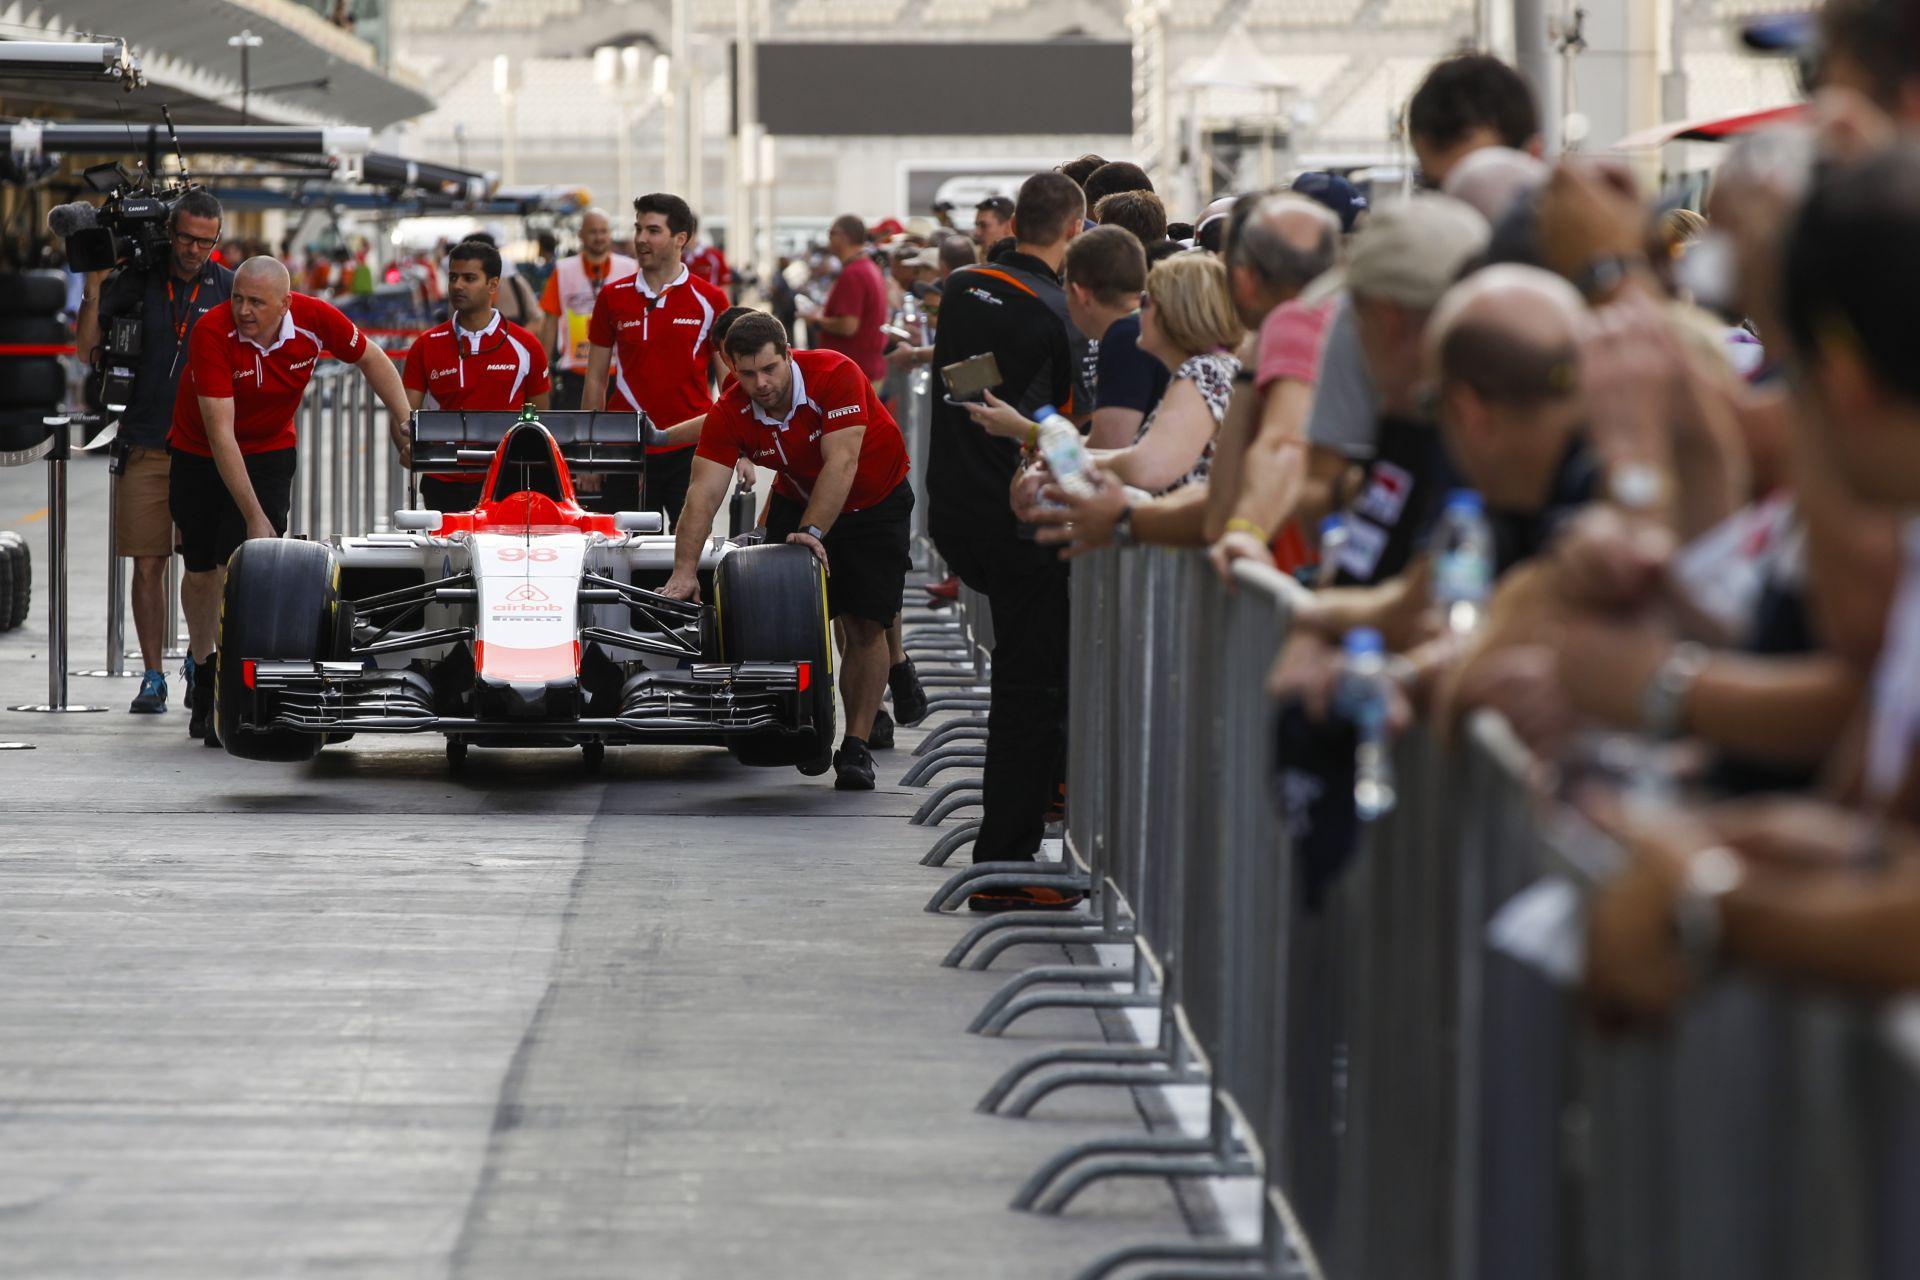 Már pontszerzést emleget a Manornak a Mercedes sportvezetője